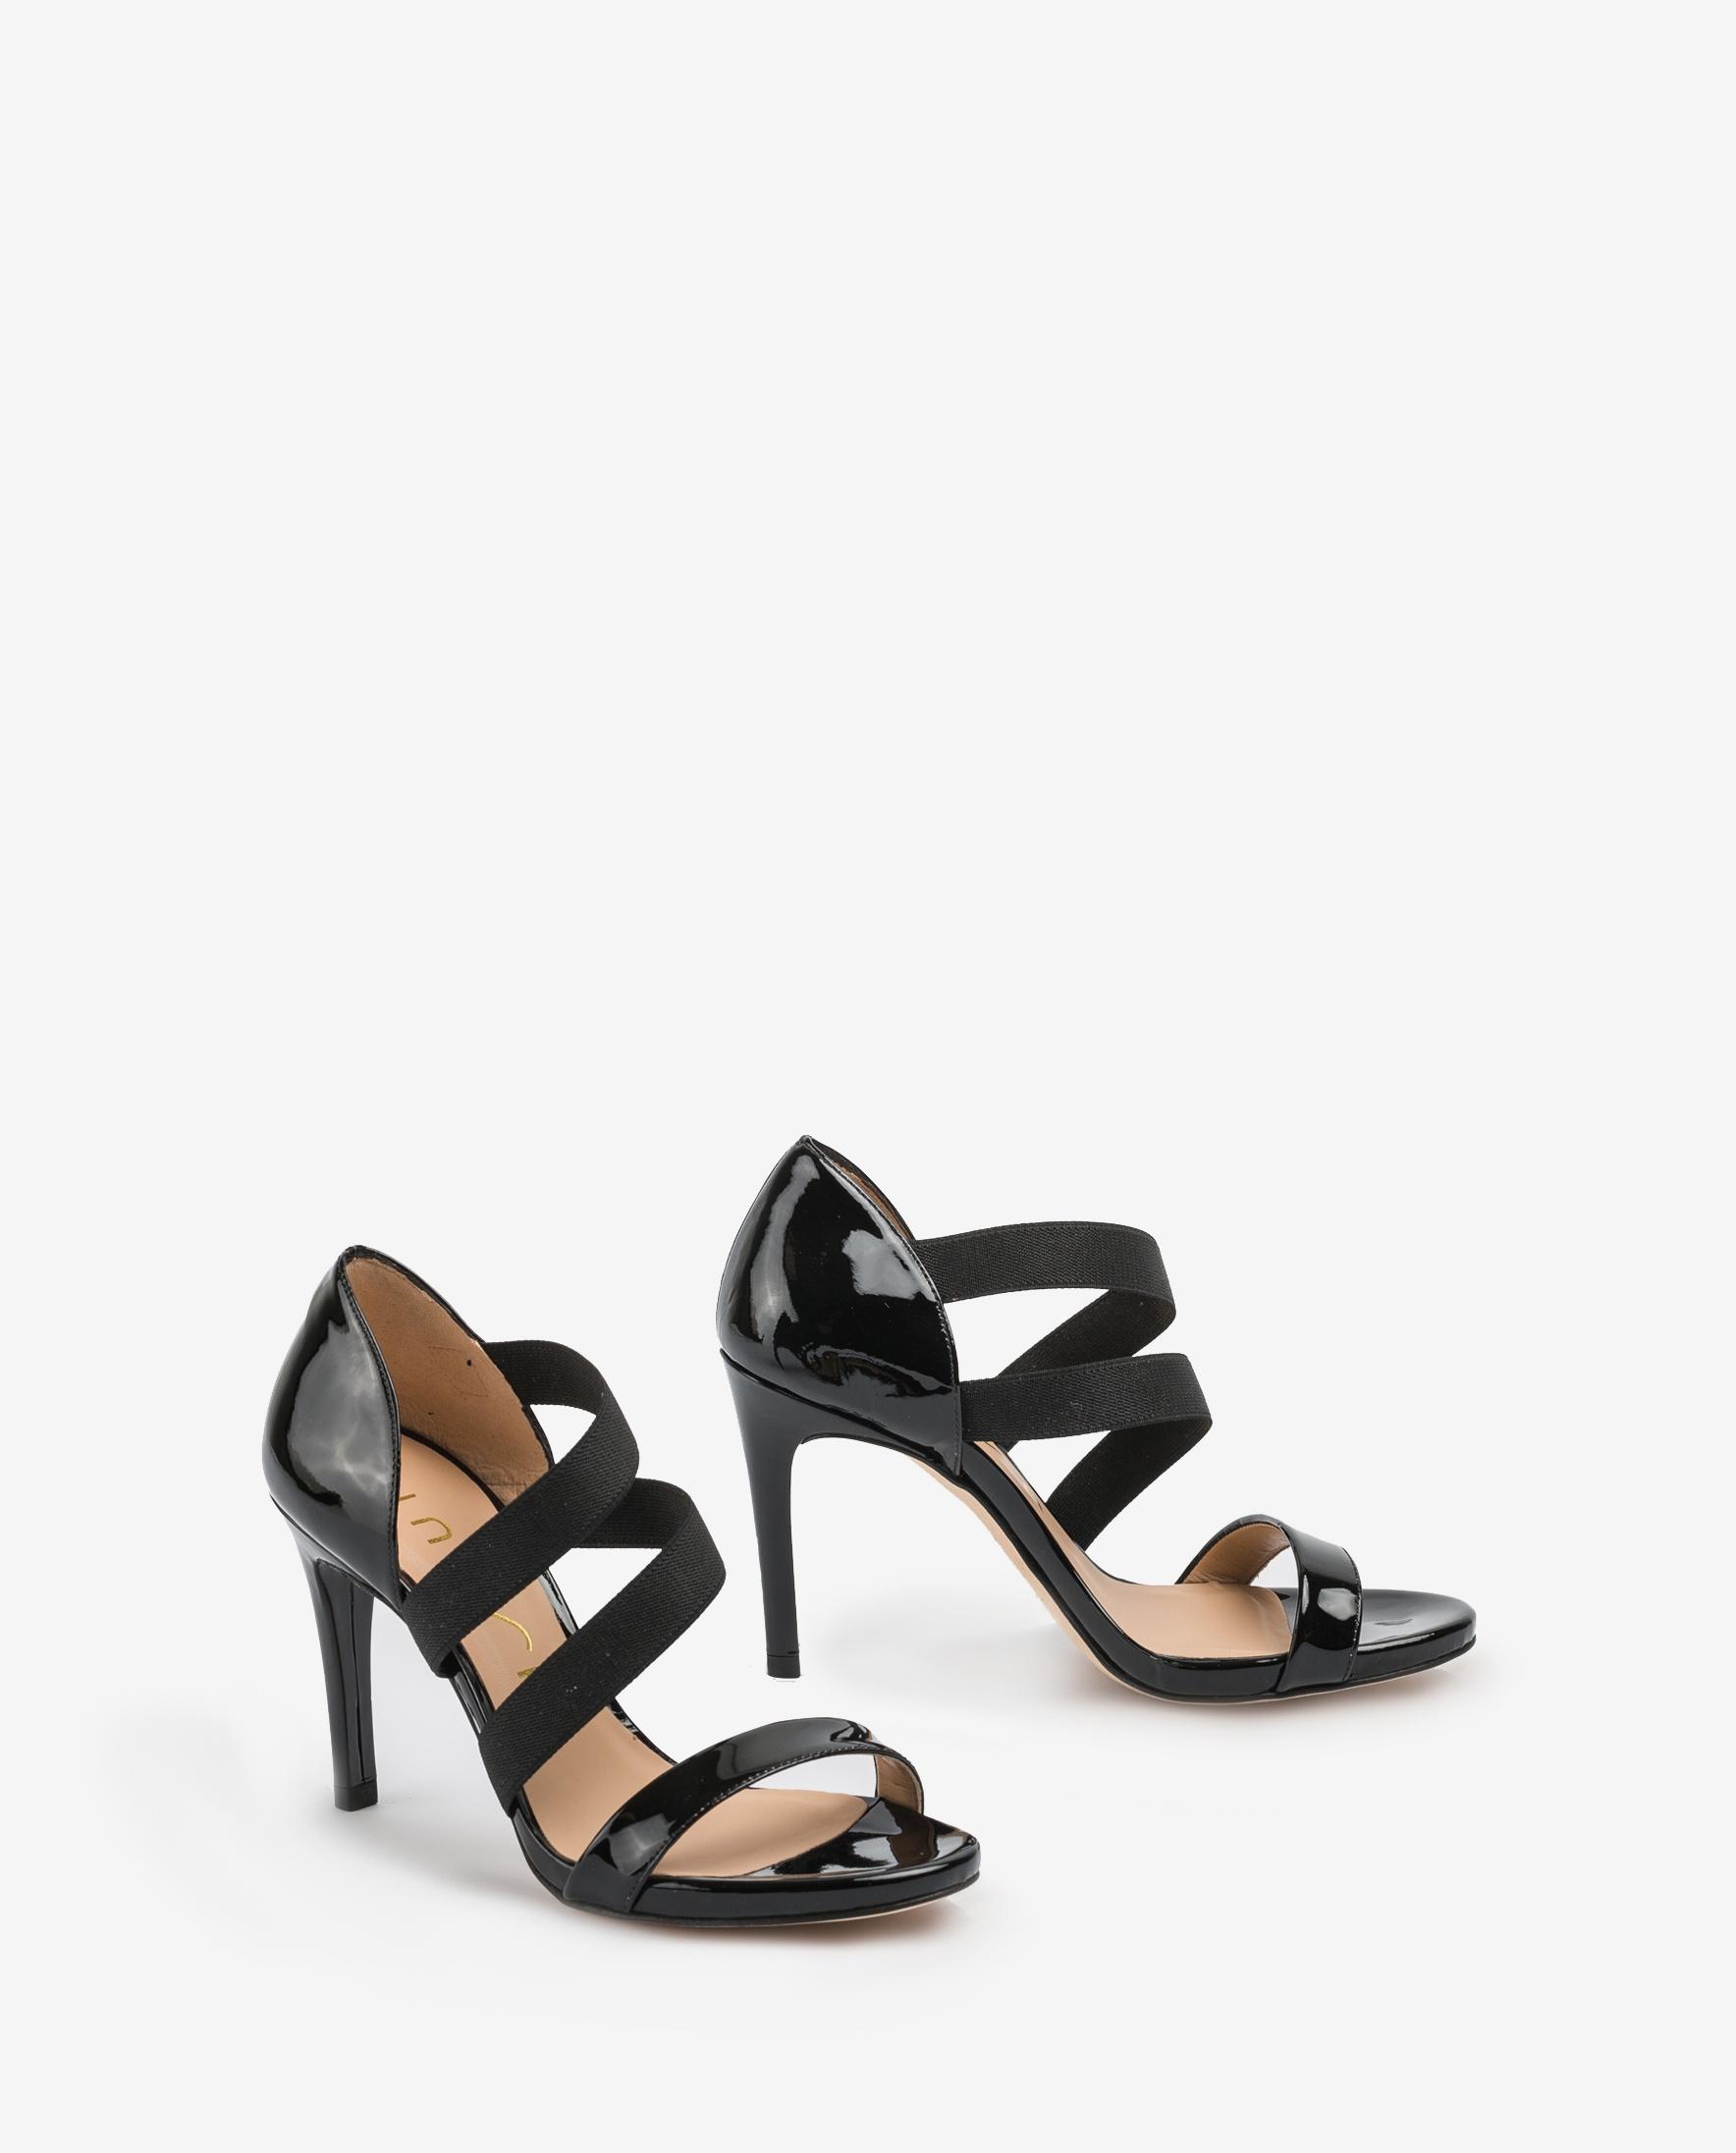 UNISA Black elastics heel sandals YERNO_PA black 2